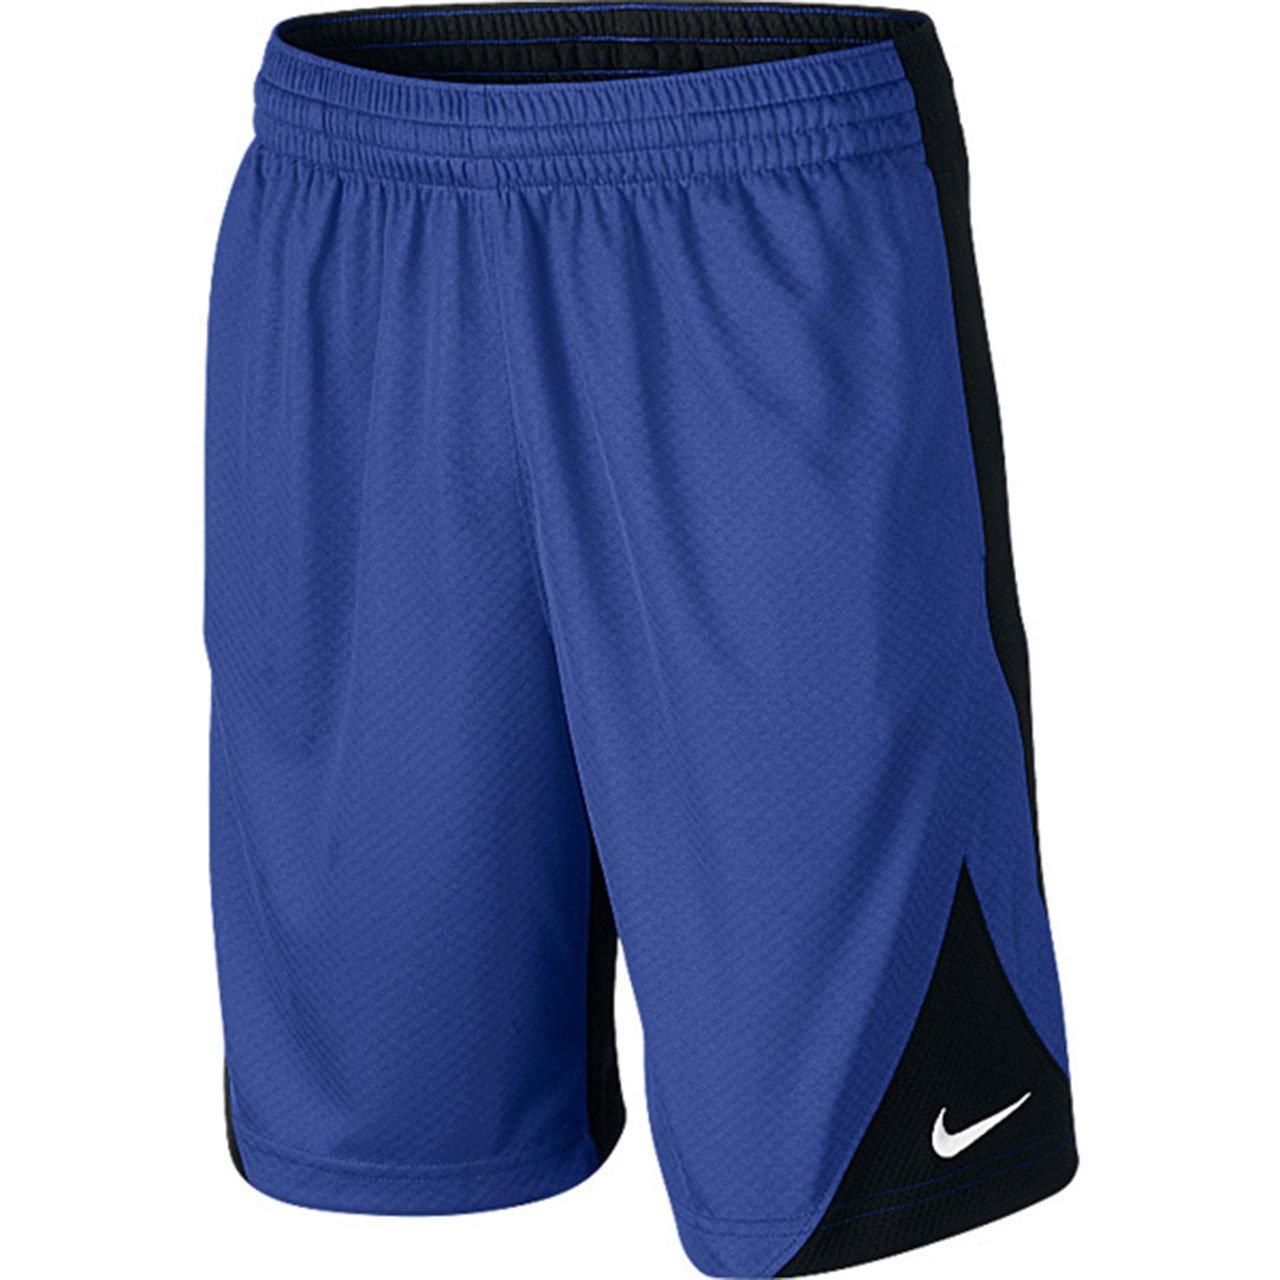 Nike Youth Boy's Athletic Basketball Training Shorts 820290 (480 Game Royal/Black, M)